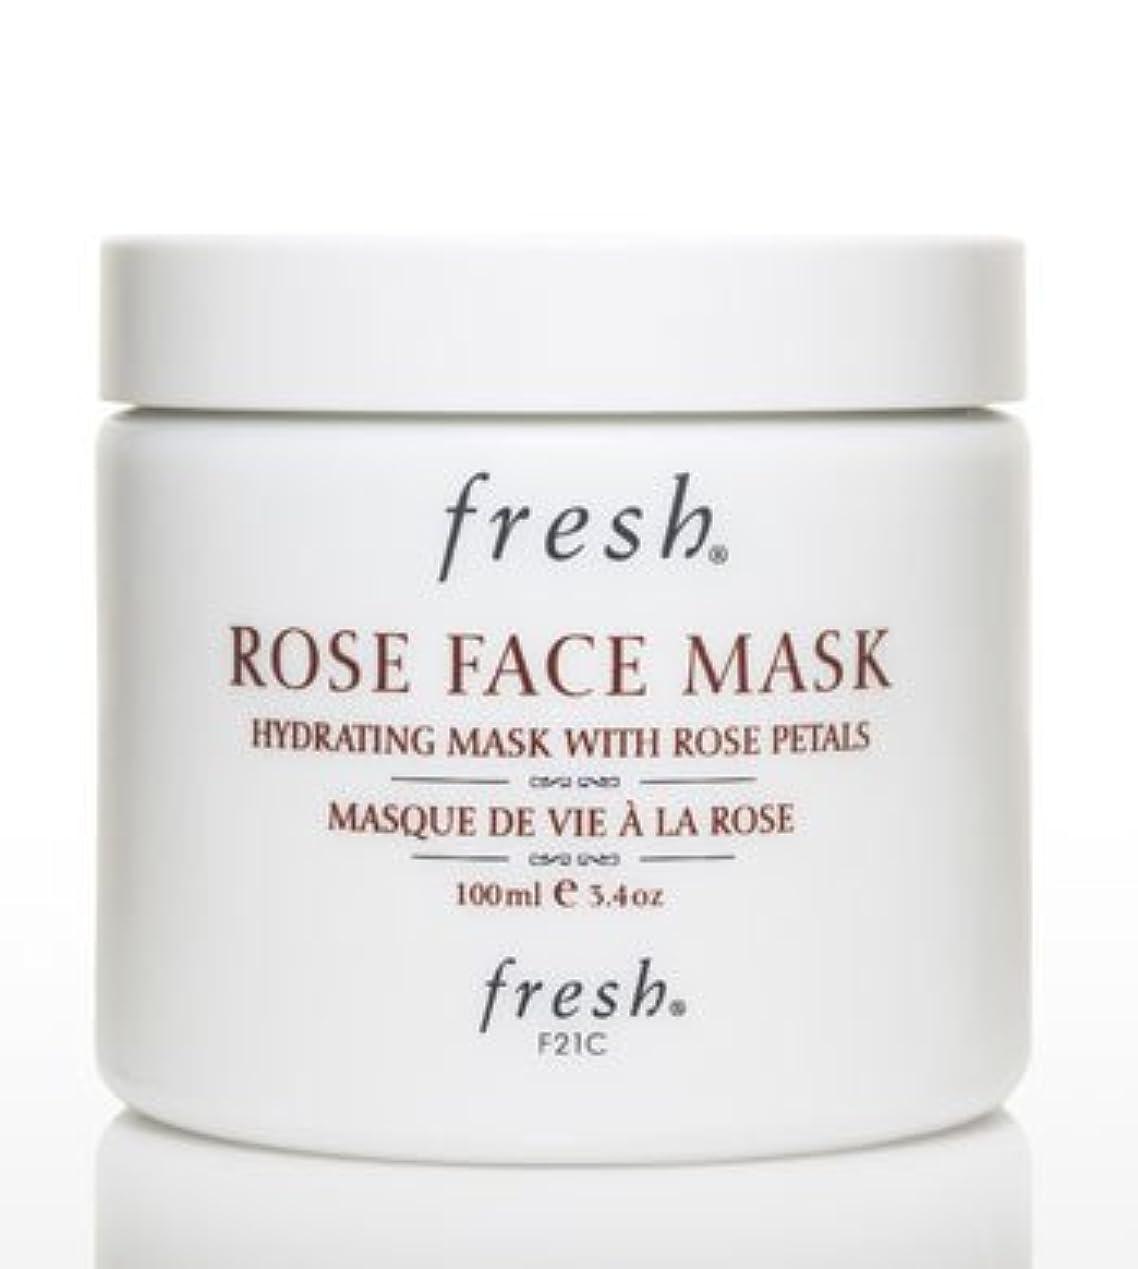 バレエ必要ない高潔なFresh ROSE FACE MASK (フレッシュ ローズフェイスマスク) 3.4 oz (100g) by Fresh for Women